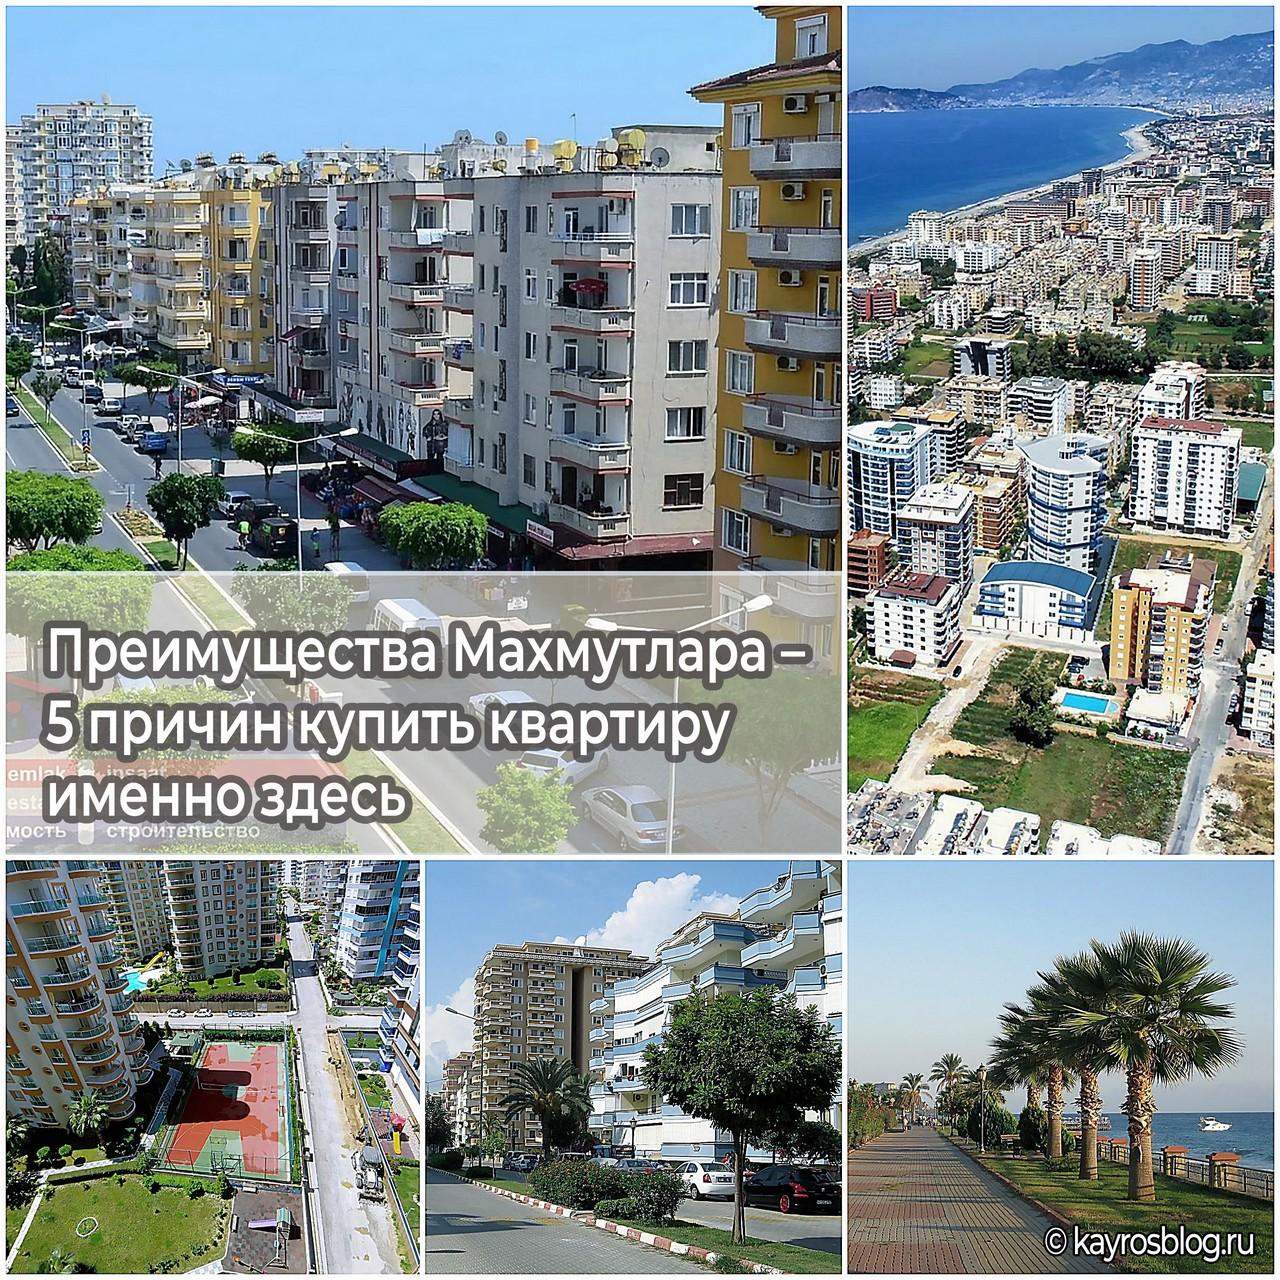 Преимущества Махмутлара – 5 причин купить квартиру именно здесь